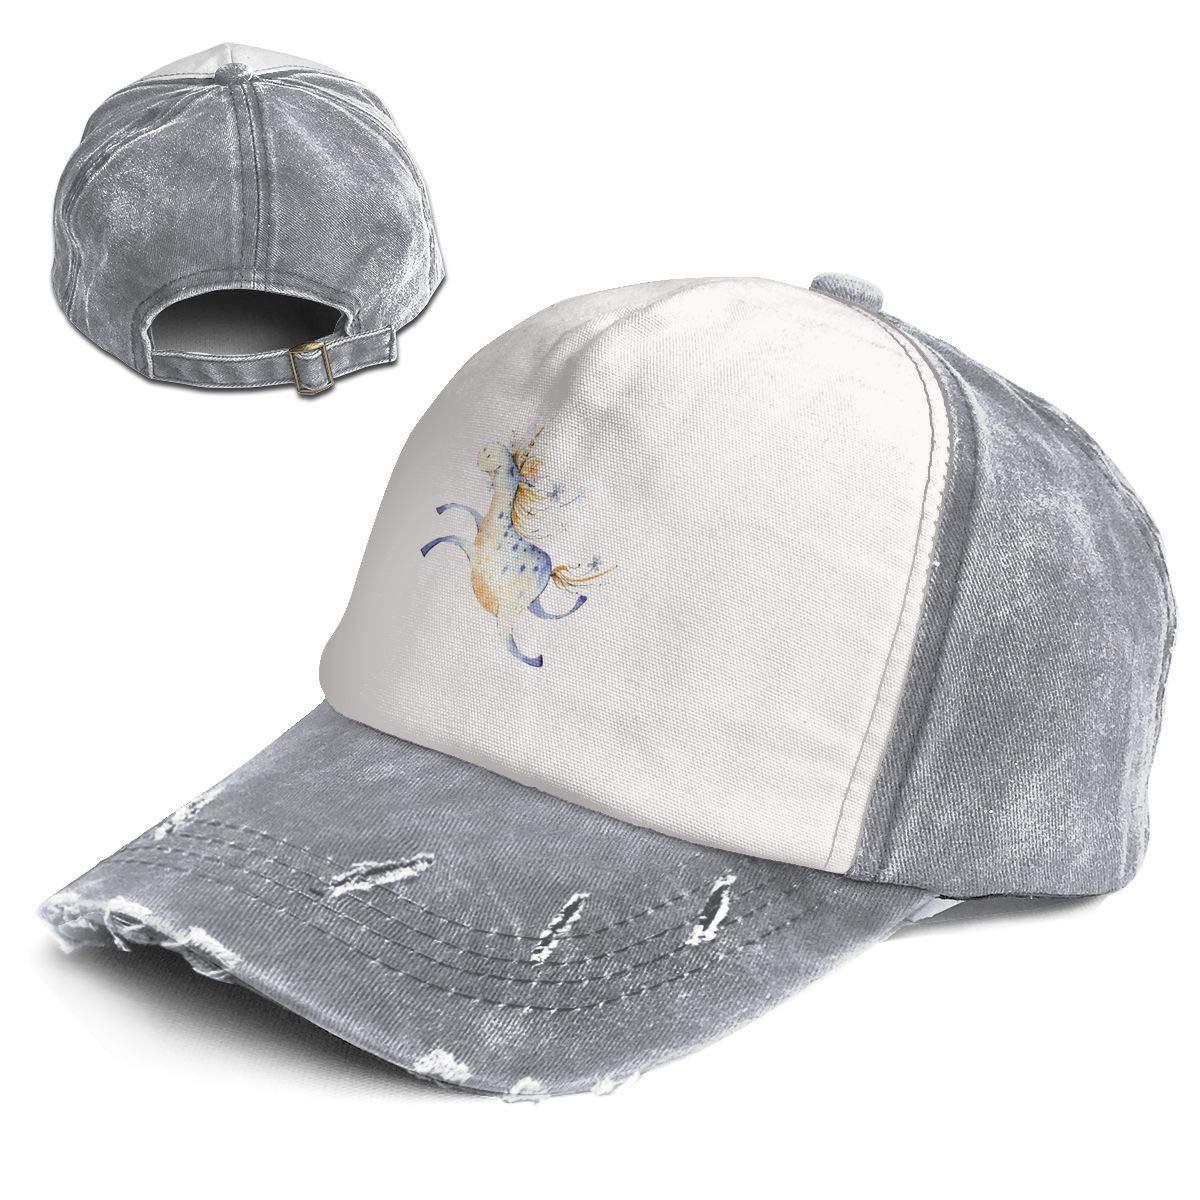 Amazon.com  Fashion Vintage Hat Unicorn Watercolor Adjustable Dad Hat  Baseball Cowboy Cap  Clothing 26d5d4abc8da